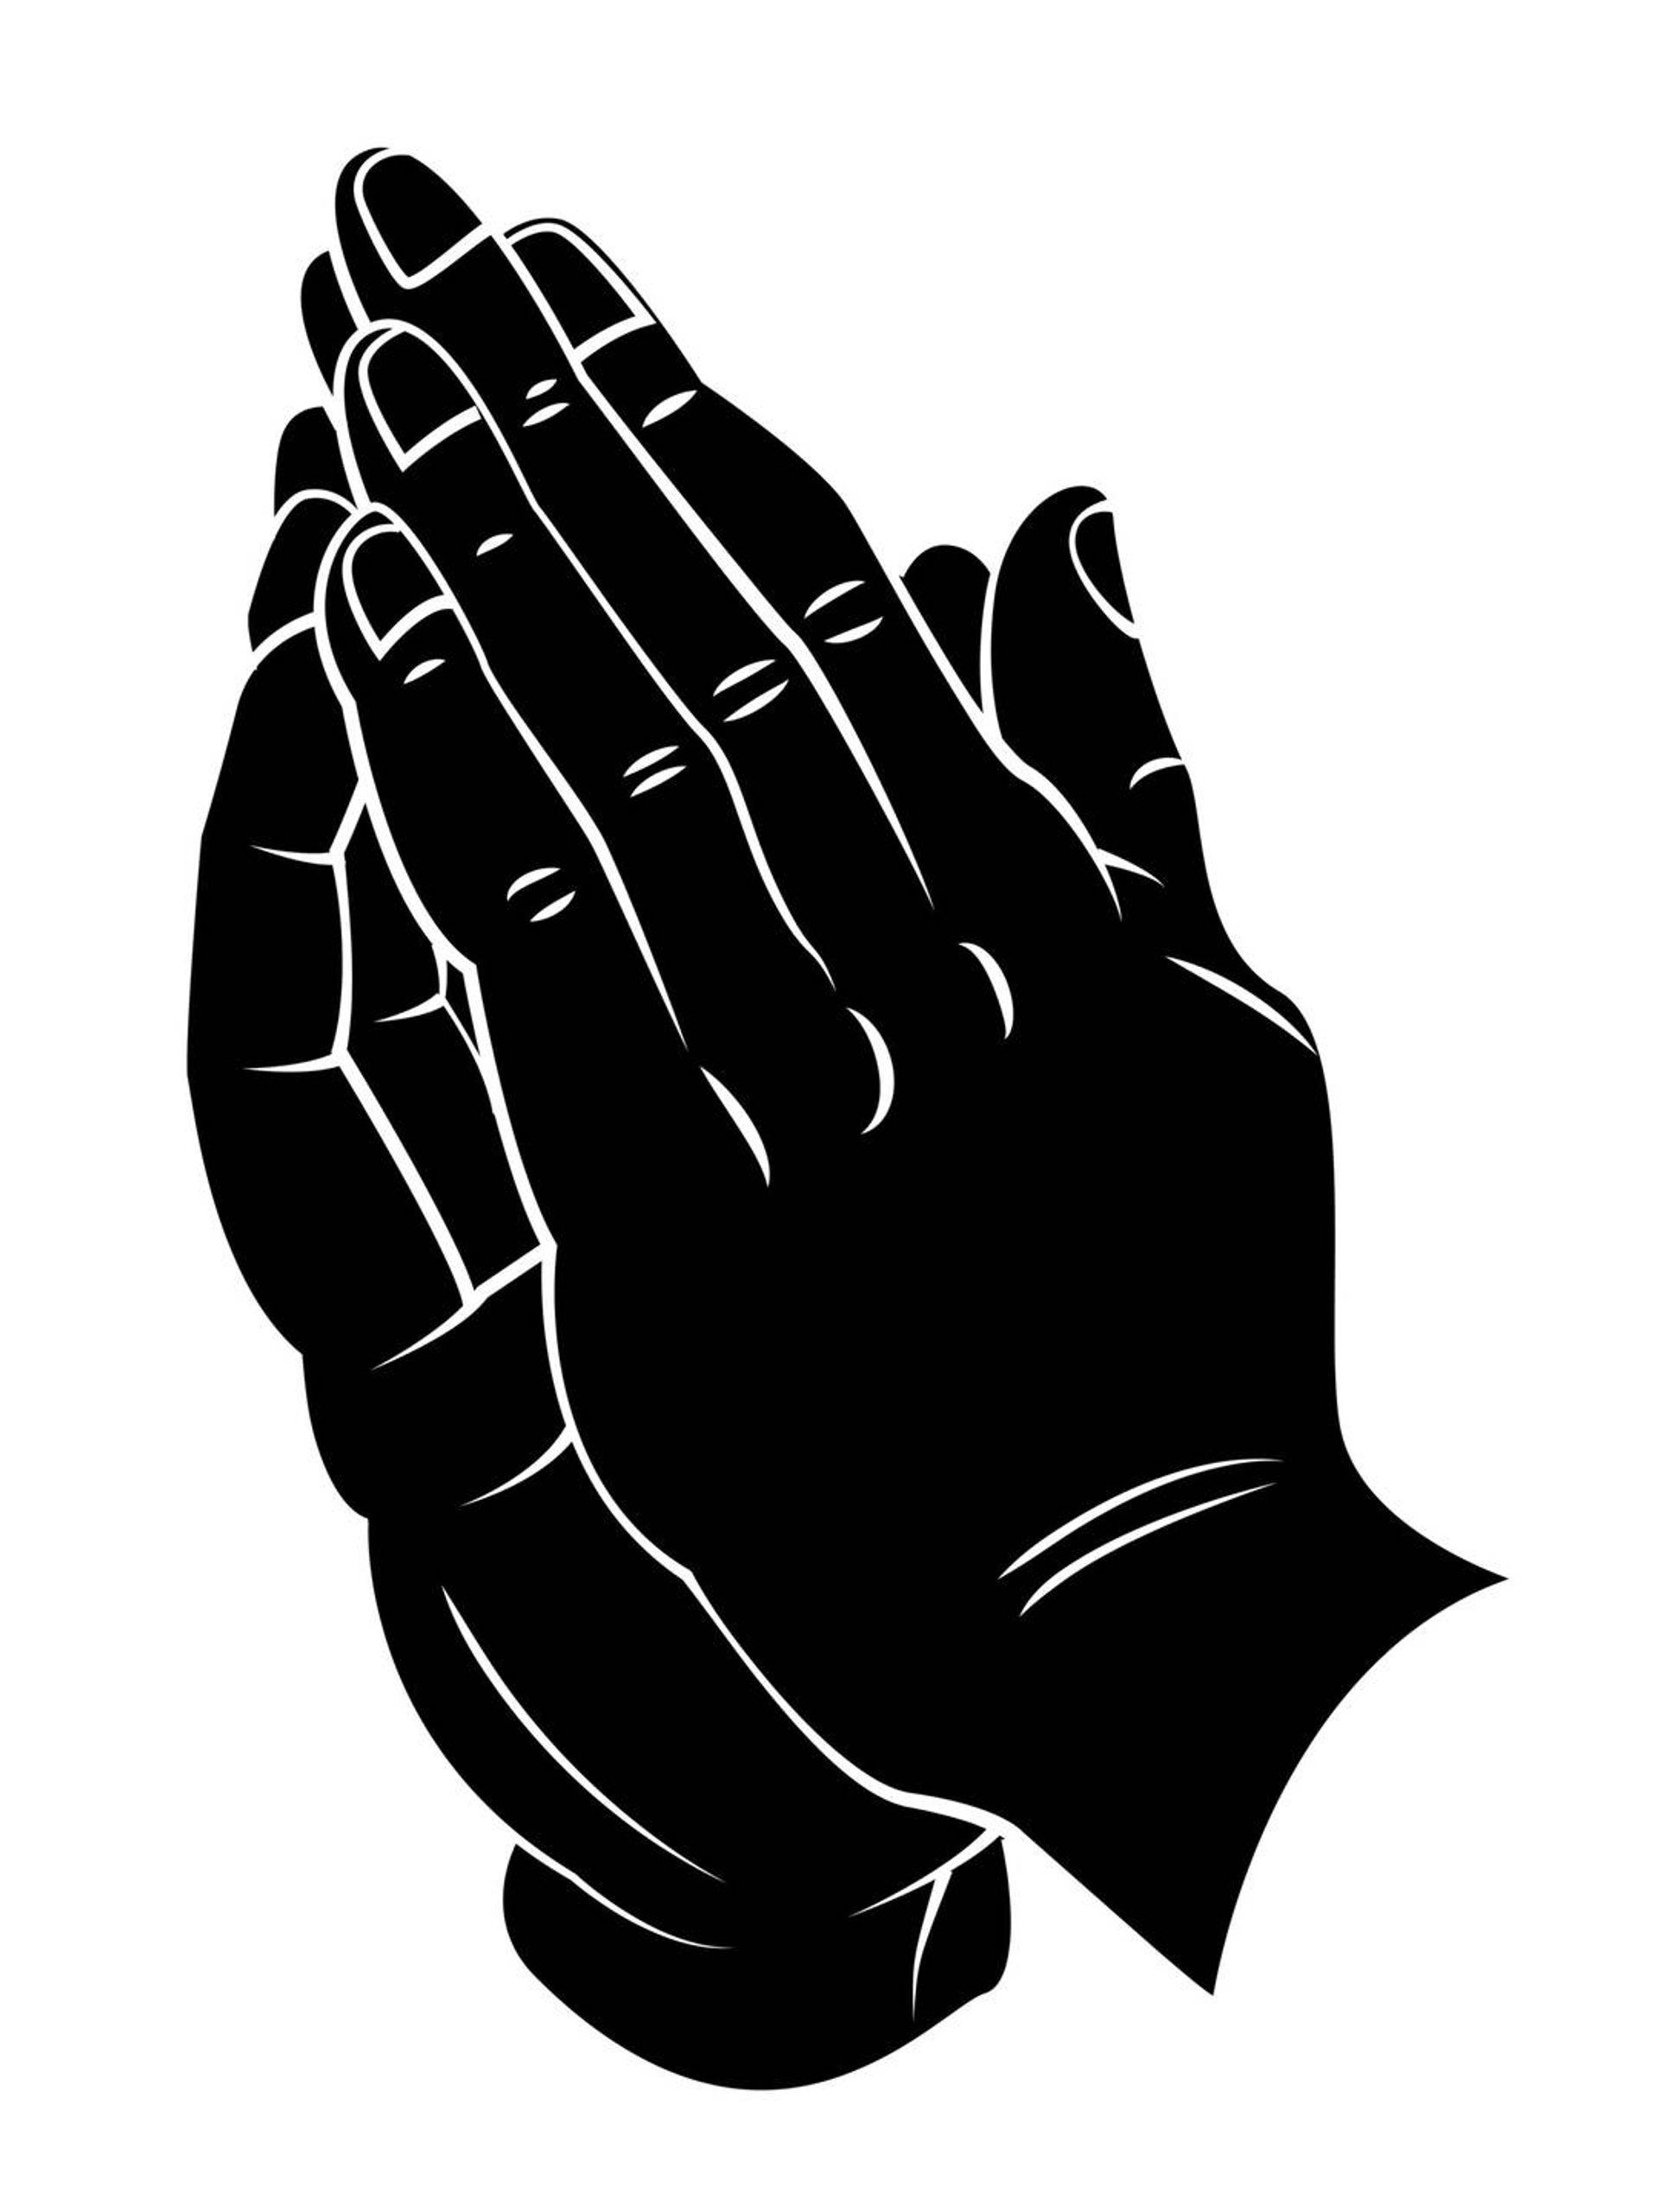 Illustration of black hands held together in prayer